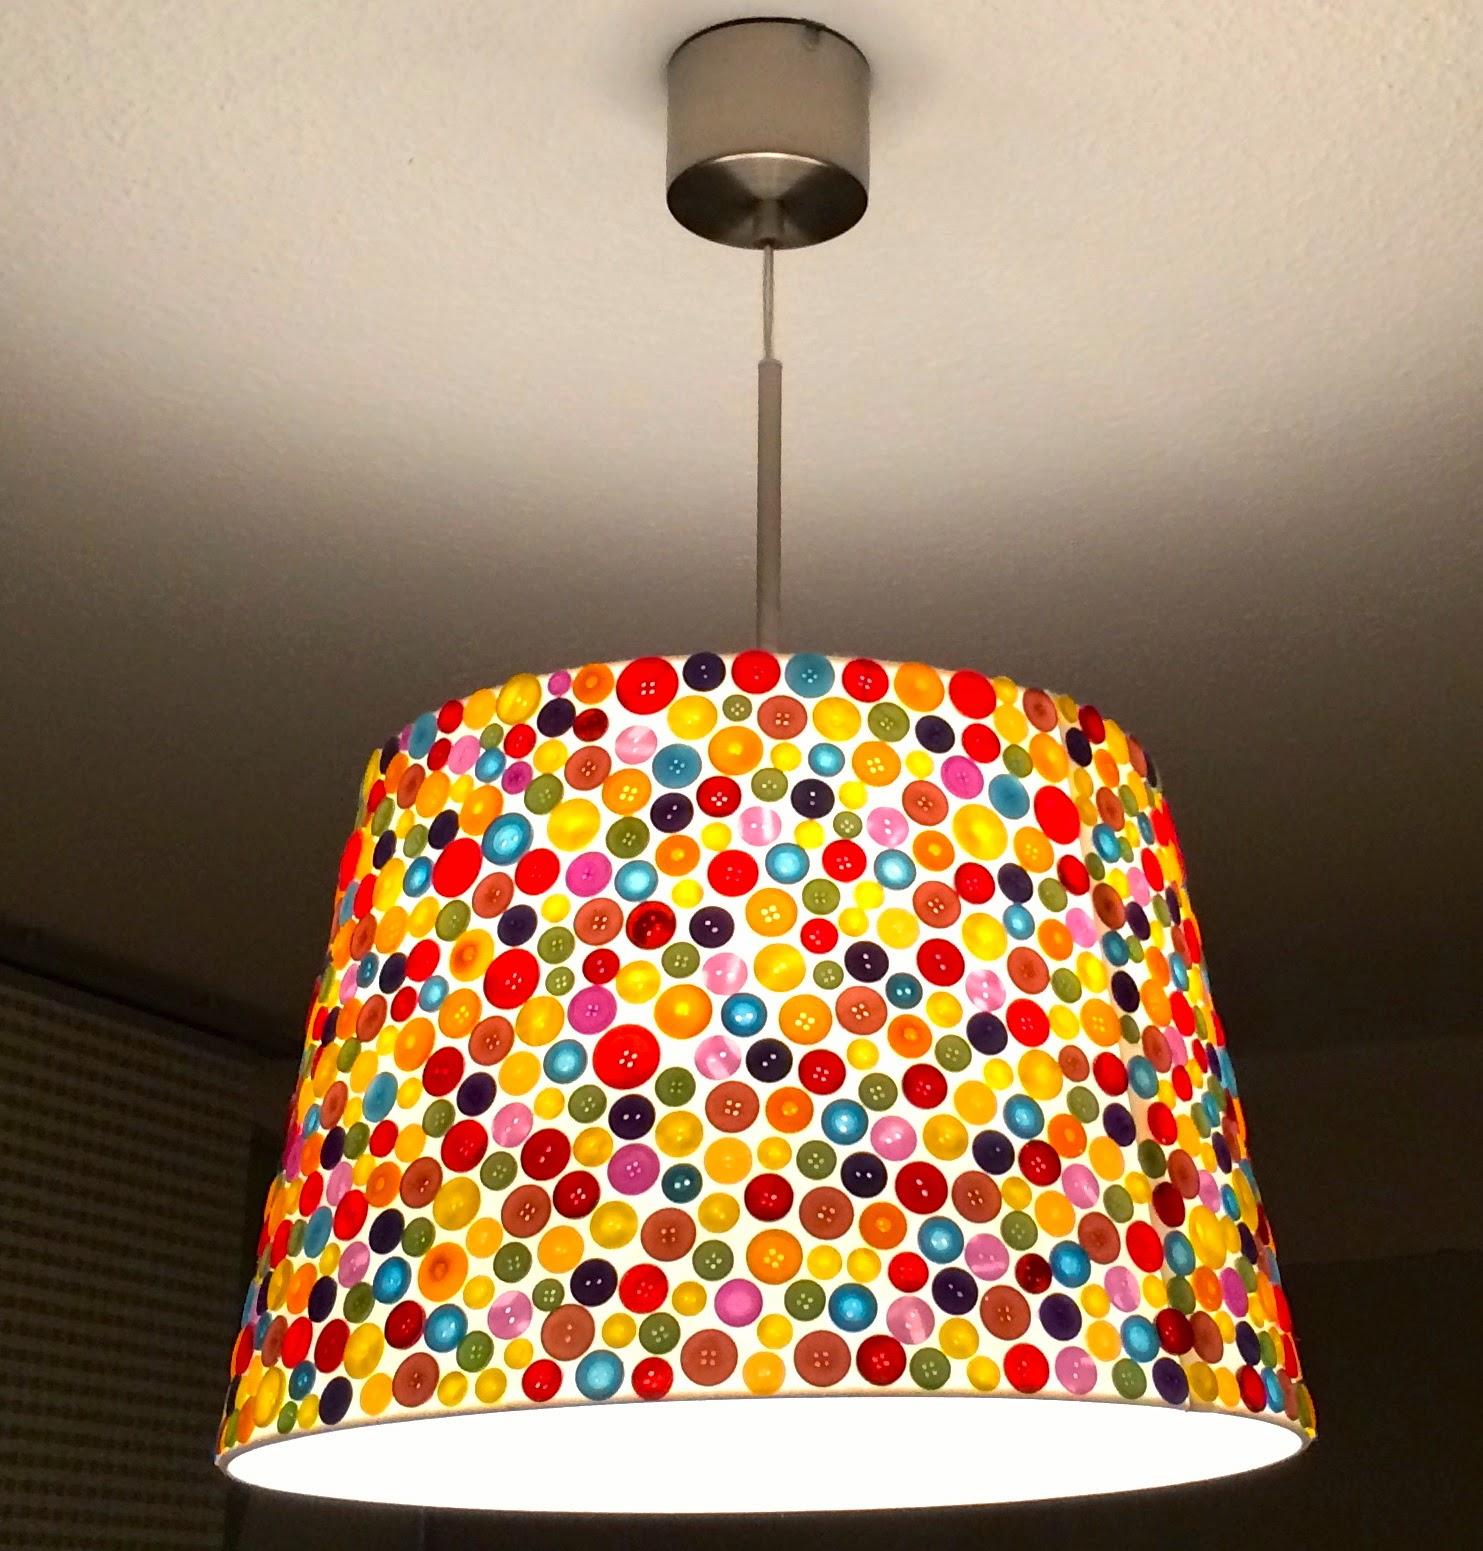 Verknopft Und Zugeklebt   DIY Deckenlampe